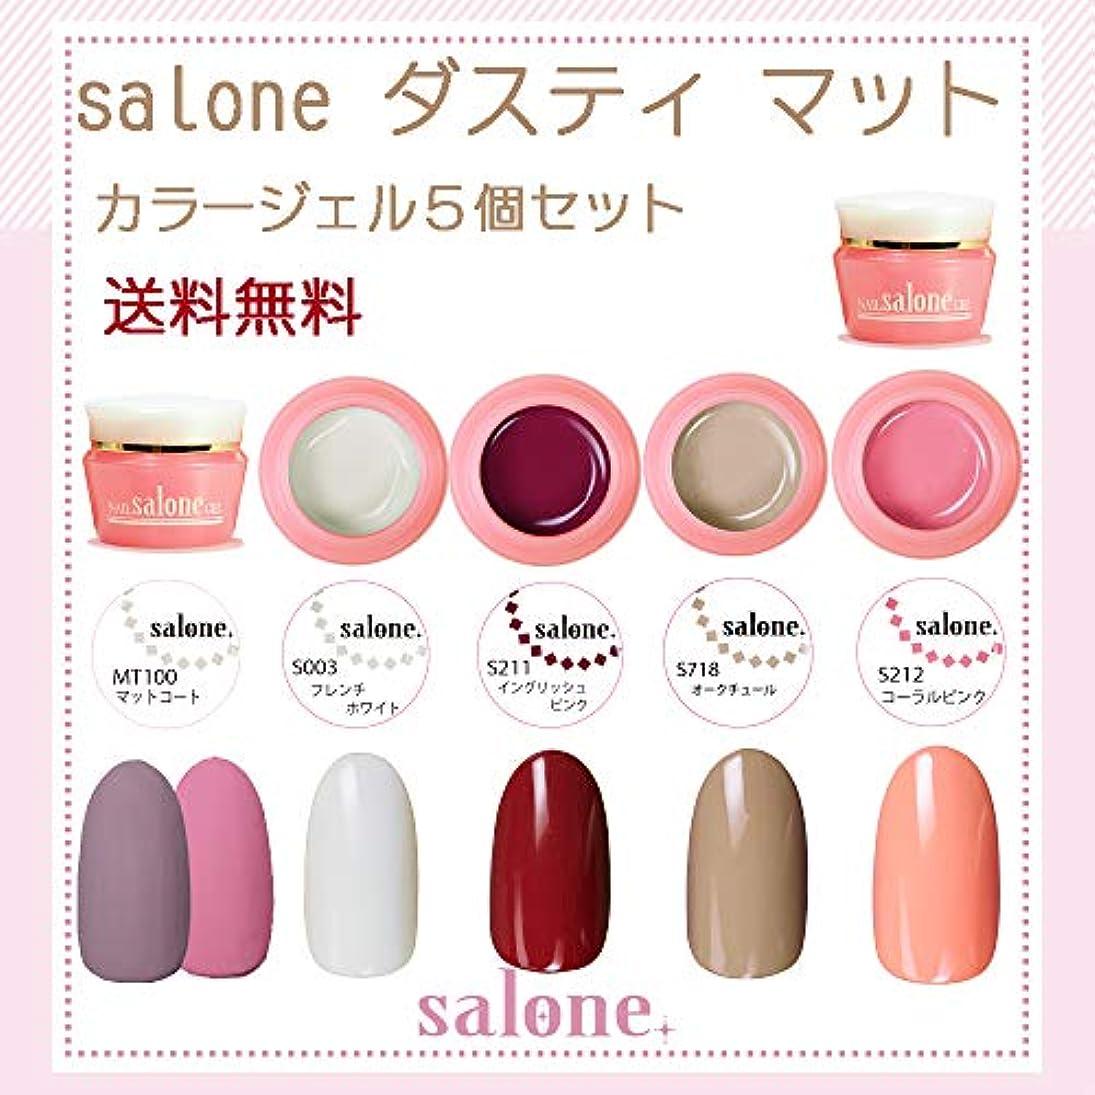 発行カビスリラー【送料無料 日本製】Salone ダスティマット カラージェル5個セット ネイルのマストアイテムのマットトップ